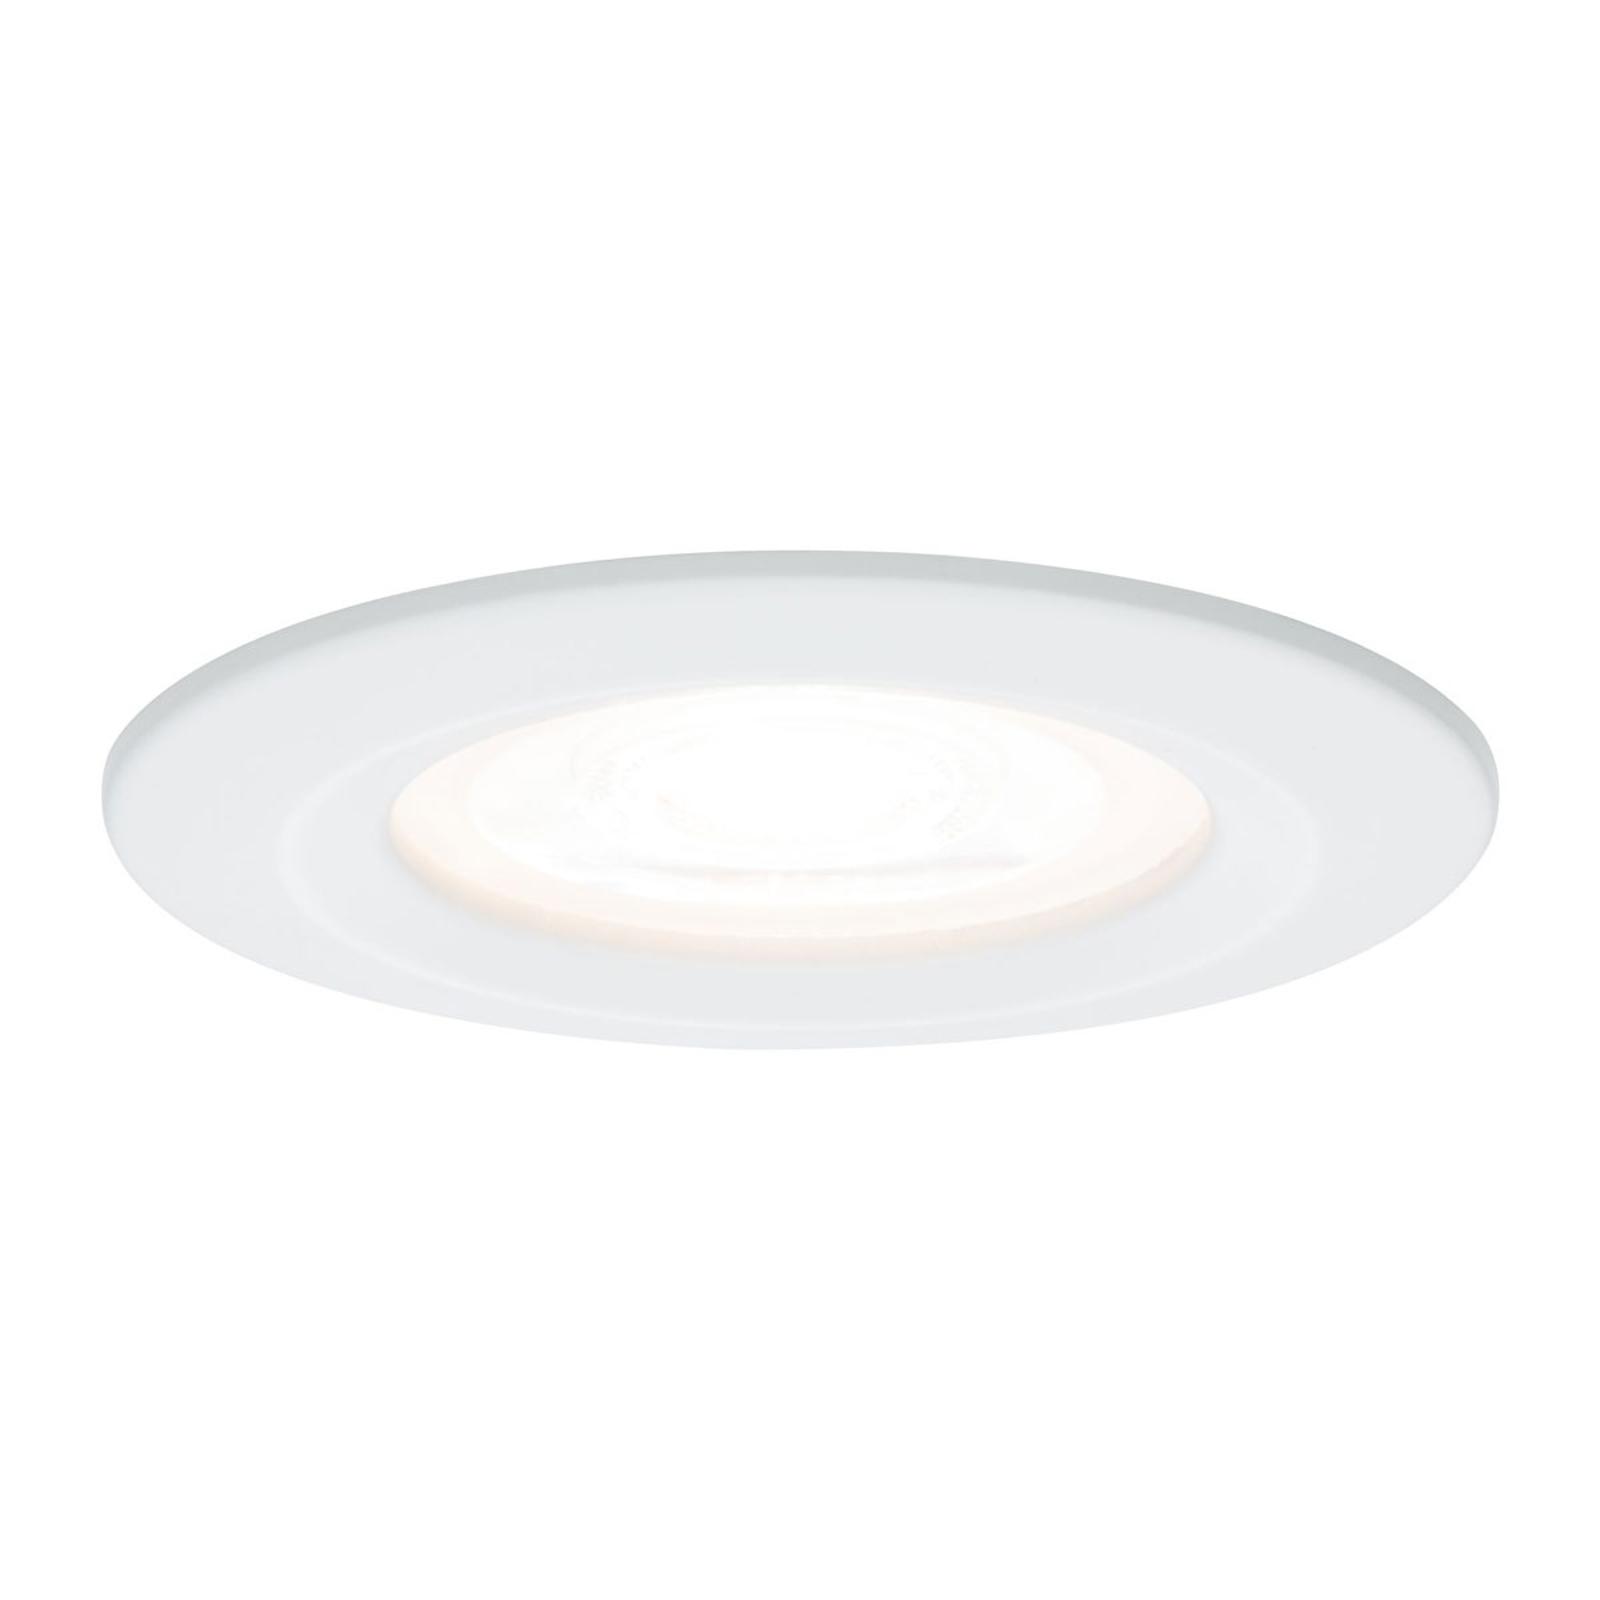 Paulmann Nova faretto LED tondo dimmerabile bianco Illuminazione per interni